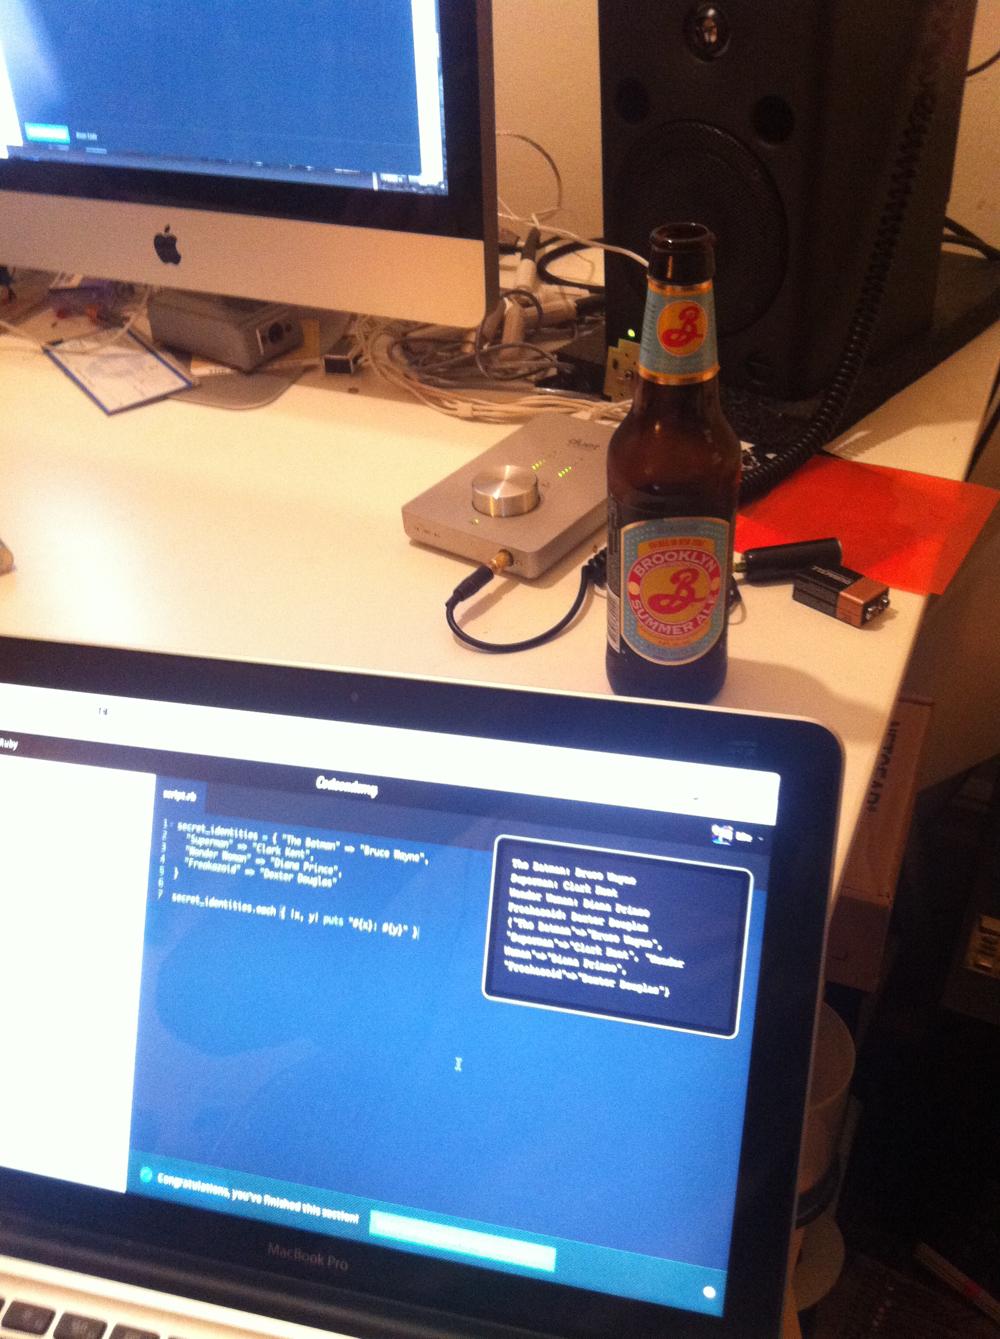 hackday-1.jpg